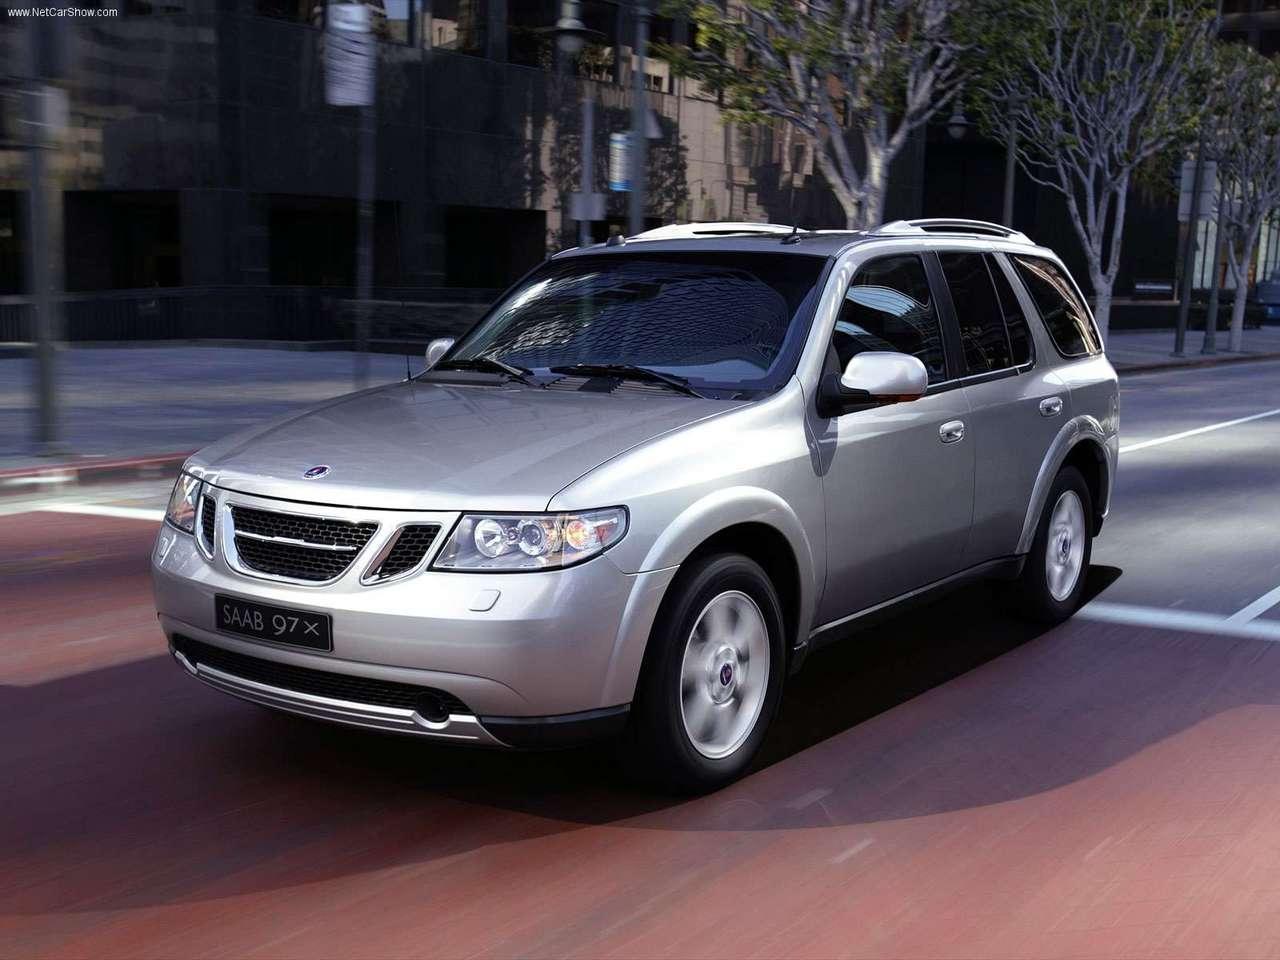 saab 9 7 x car guy s paradise rh allaboutdieselz blogspot com Saab 92 Saab 90